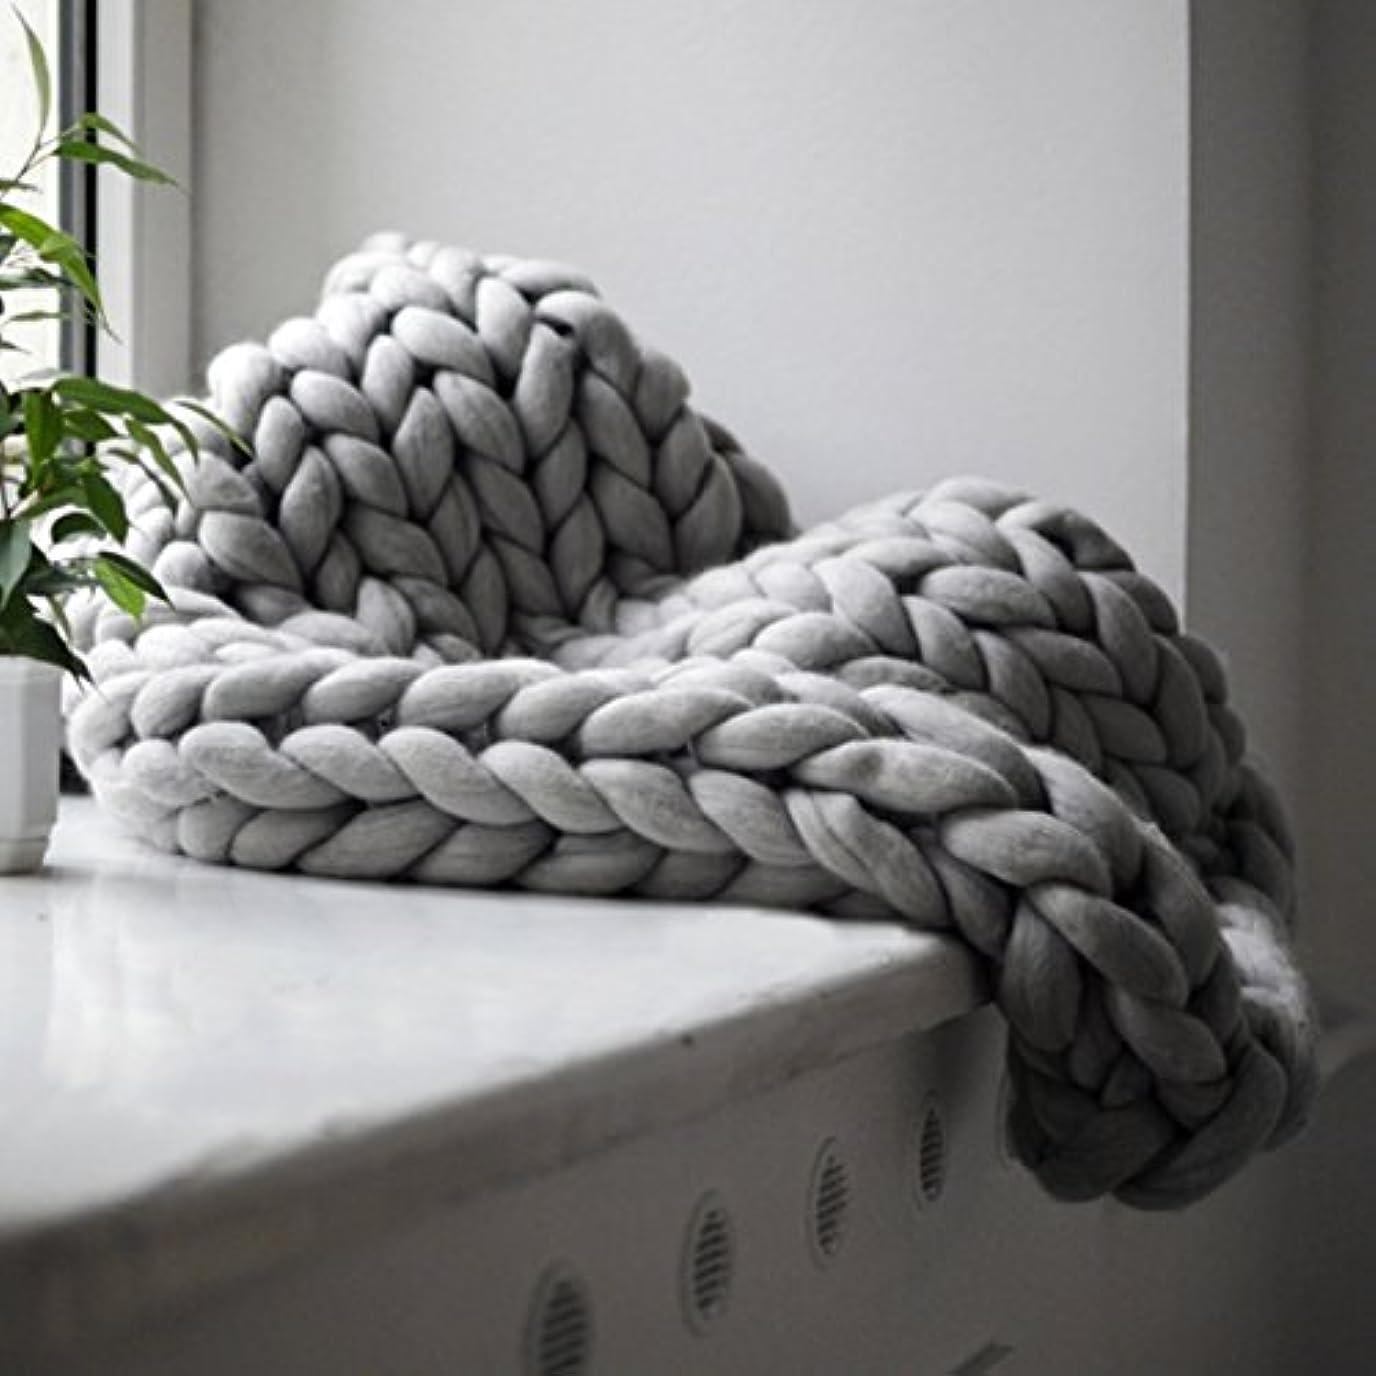 独裁単独で隠されたSaikogoods 快適な暖かいソフト太いラインジャイアント糸ニットブランケット手作りマニュアルウィービング写真小道具毛布をキープ グレー 100×120cm